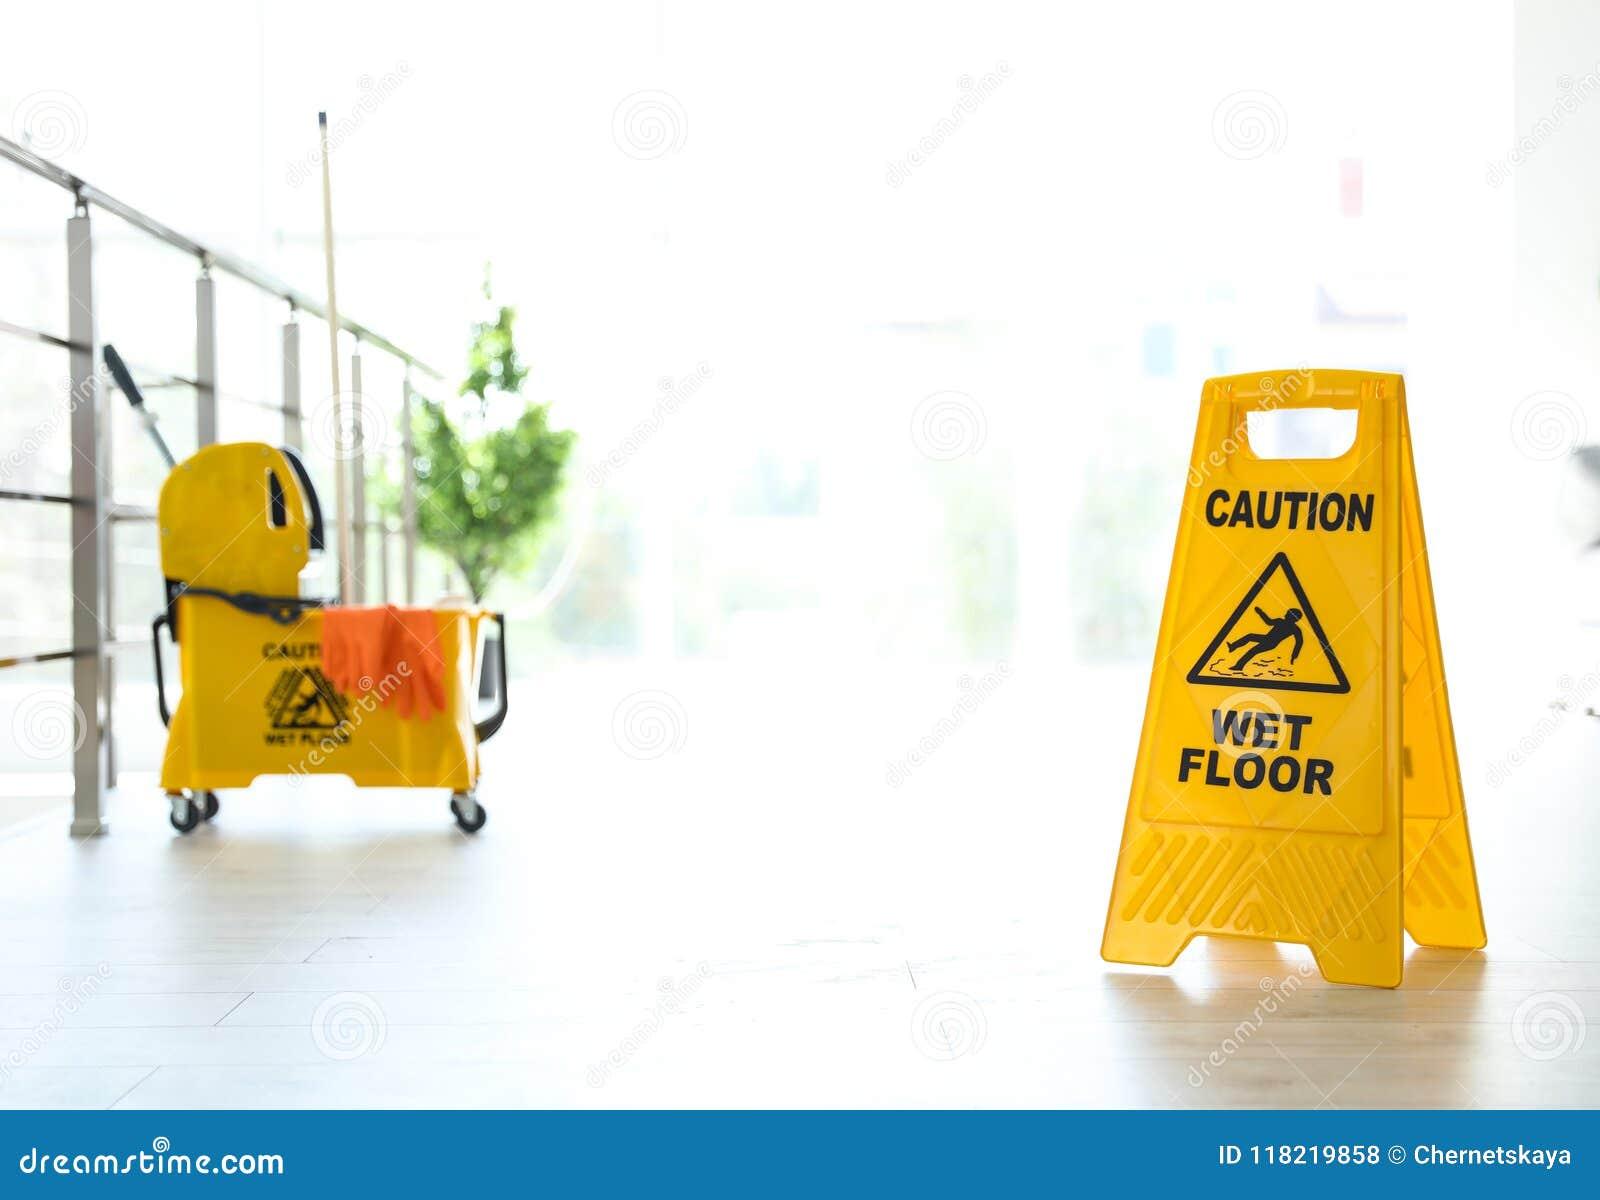 Сформулируйте ПОЛ ПРЕДОСТОРЕЖЕНИЯ ВЛАЖНЫЙ на знаке безопасности и пожелтейте ведро mop с поставками чистки, внутри помещения